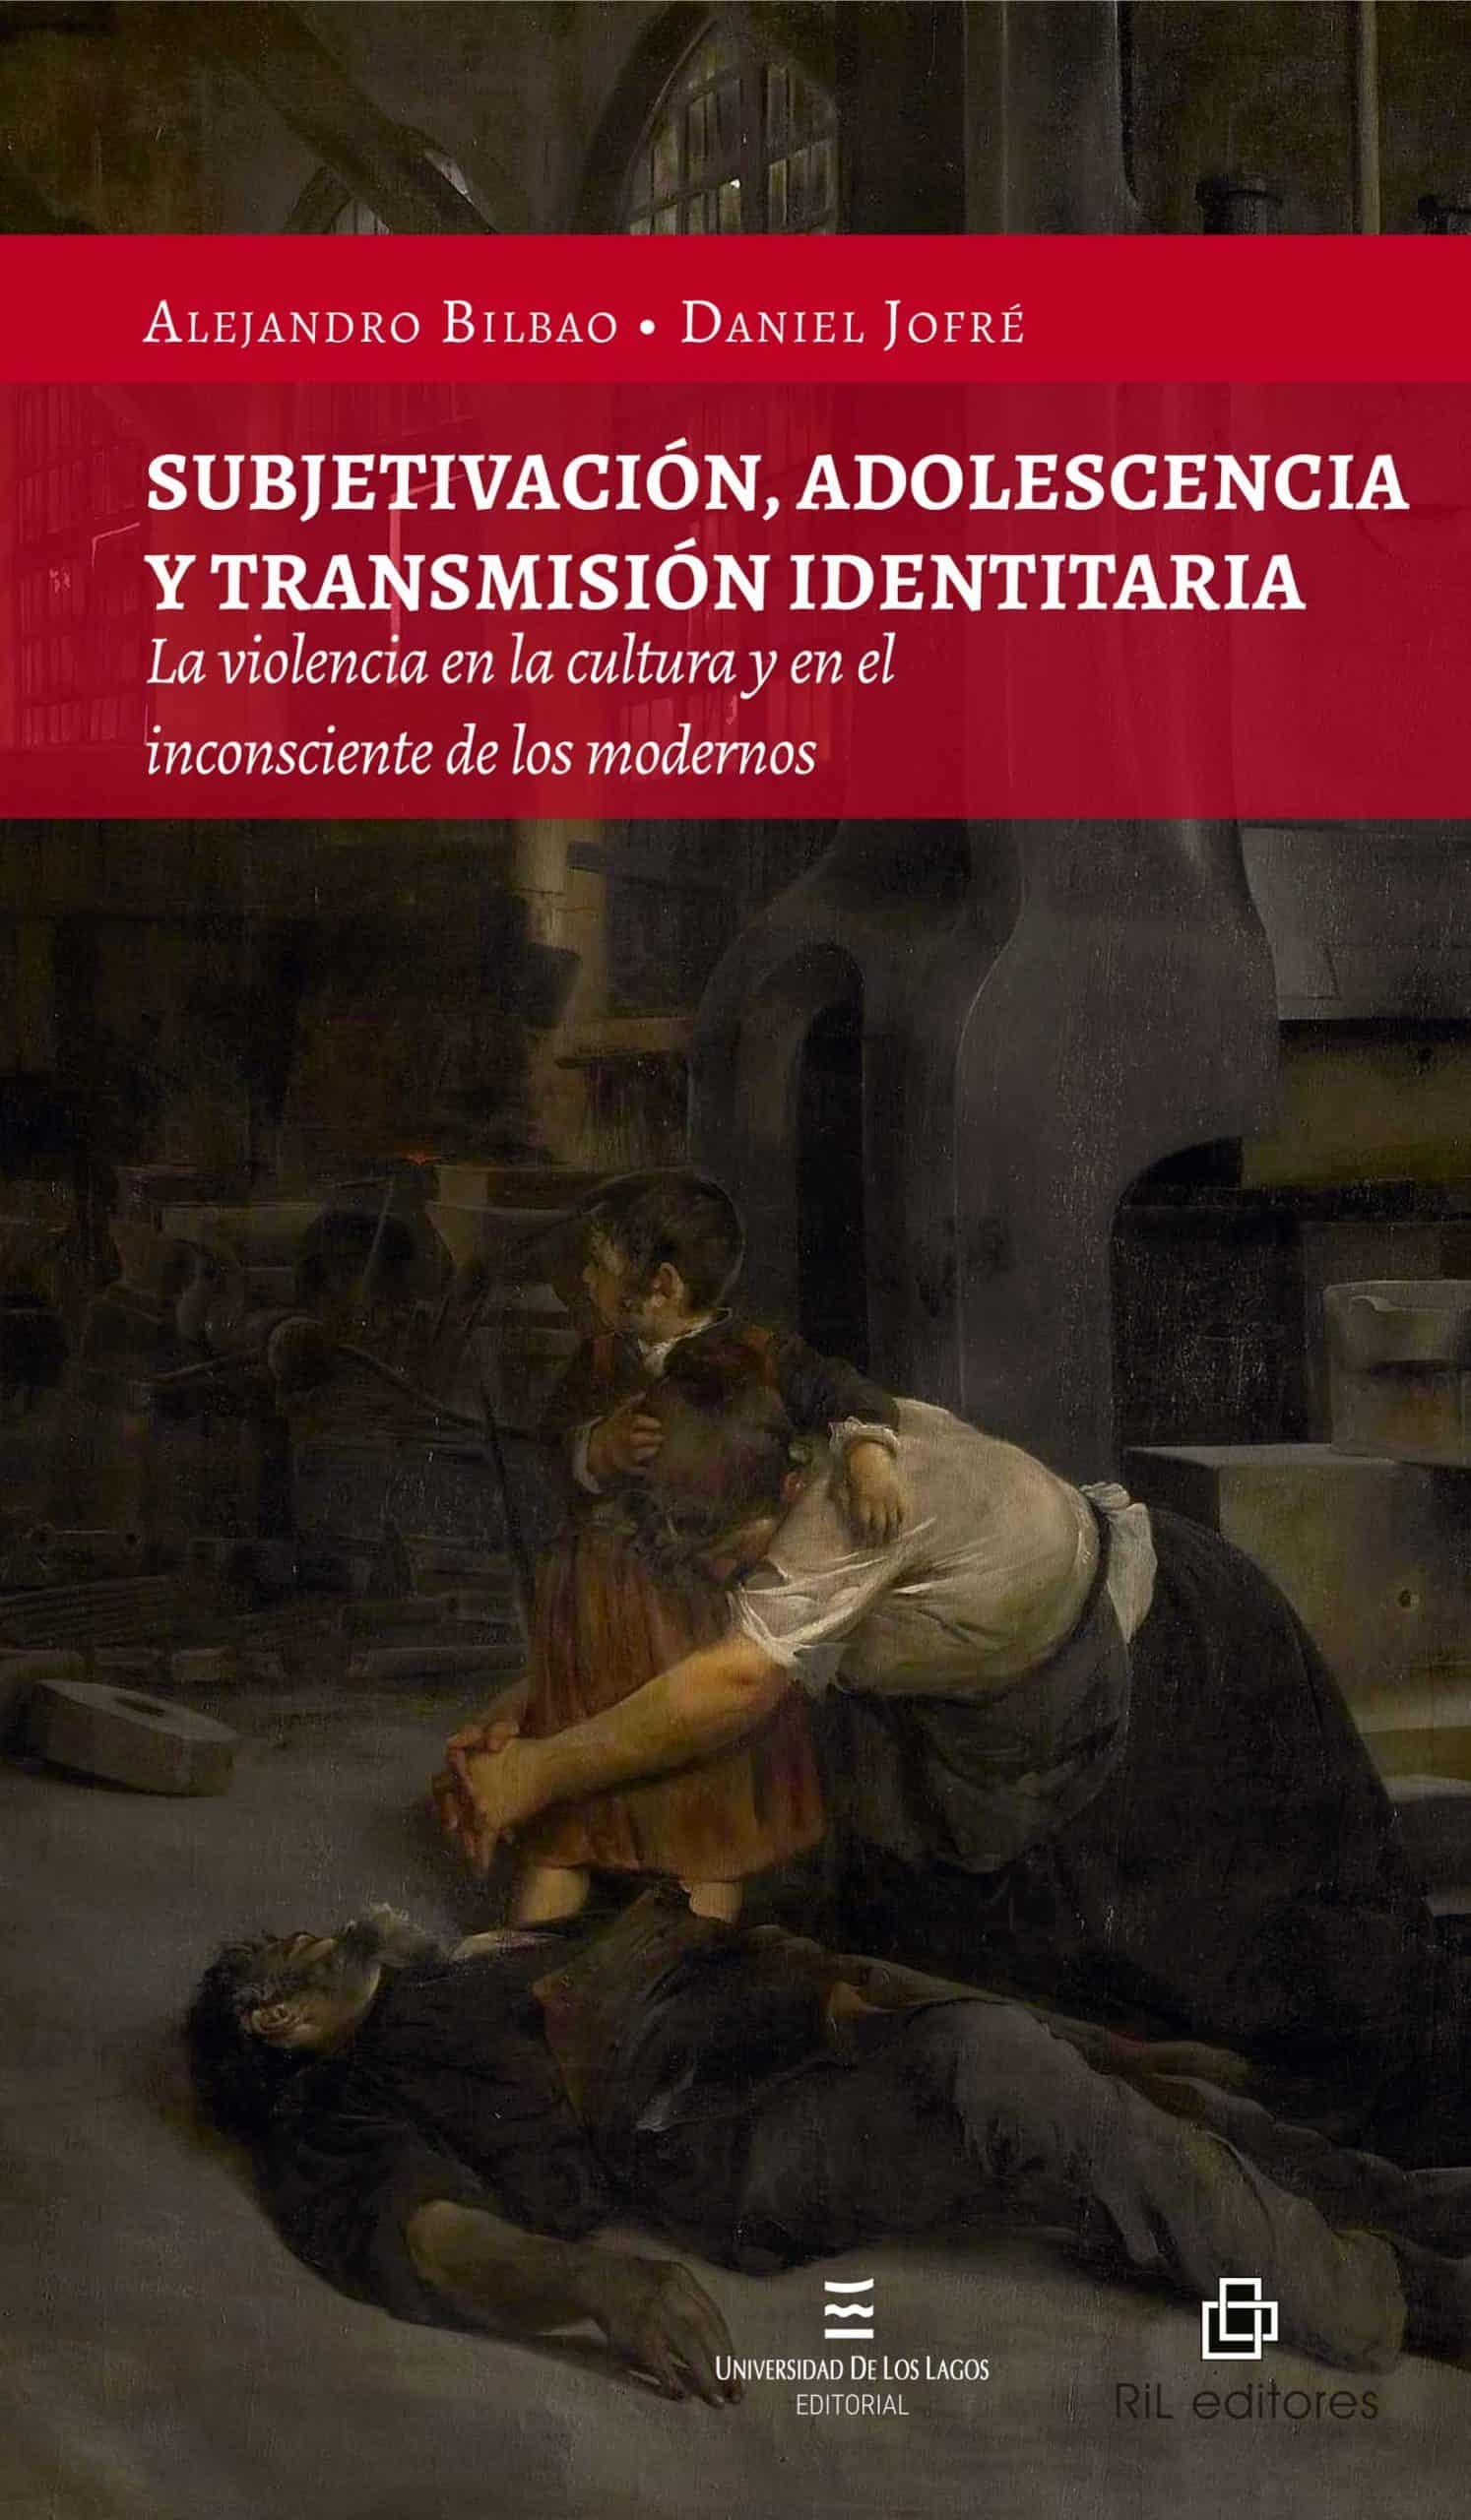 Subjetivación, adolescencia y transmisión identitaria 1